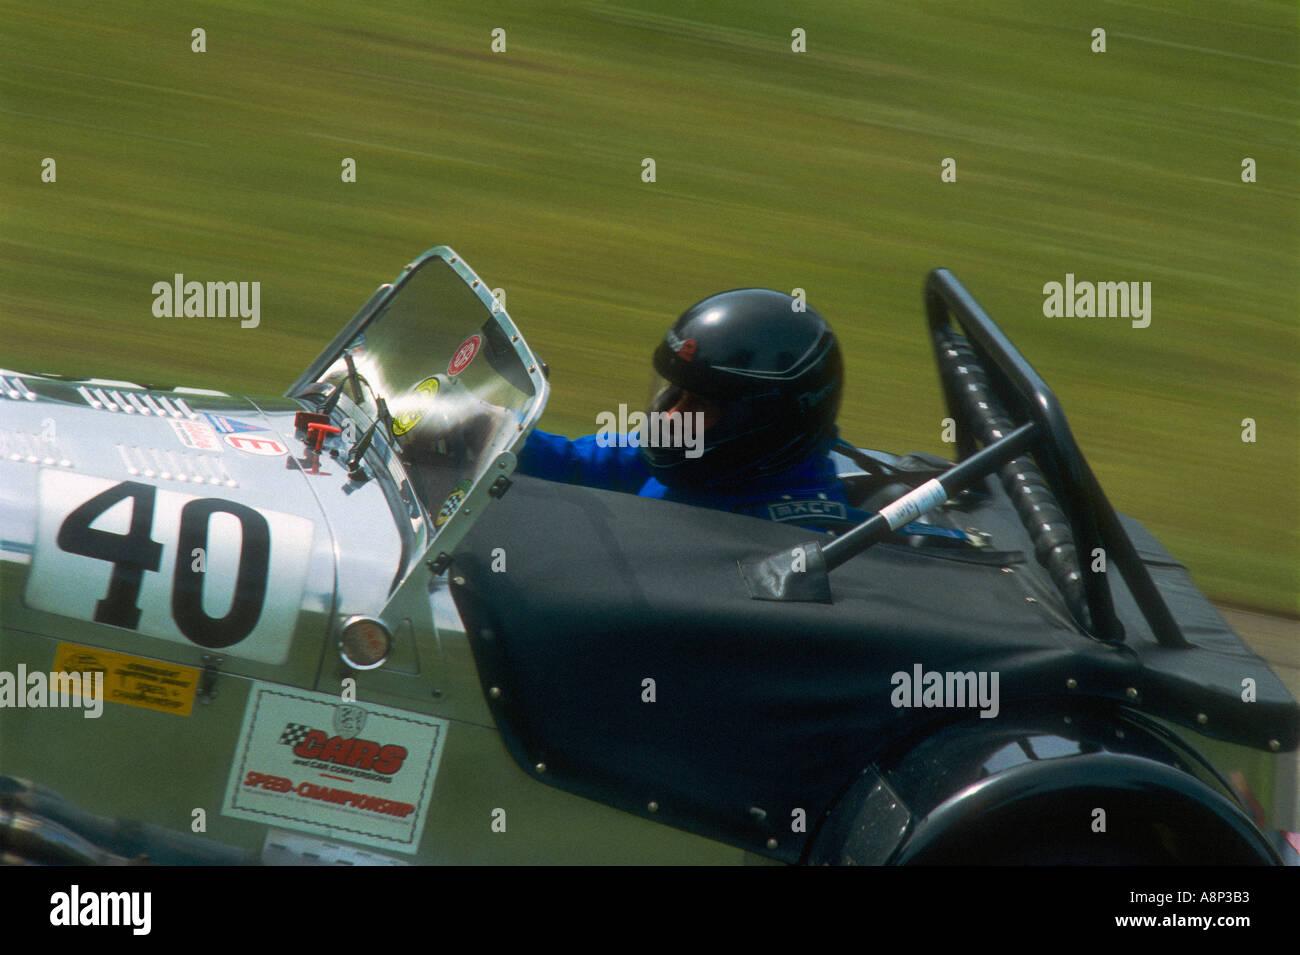 Lotus racing car Stock Photo: 2253746 - Alamy